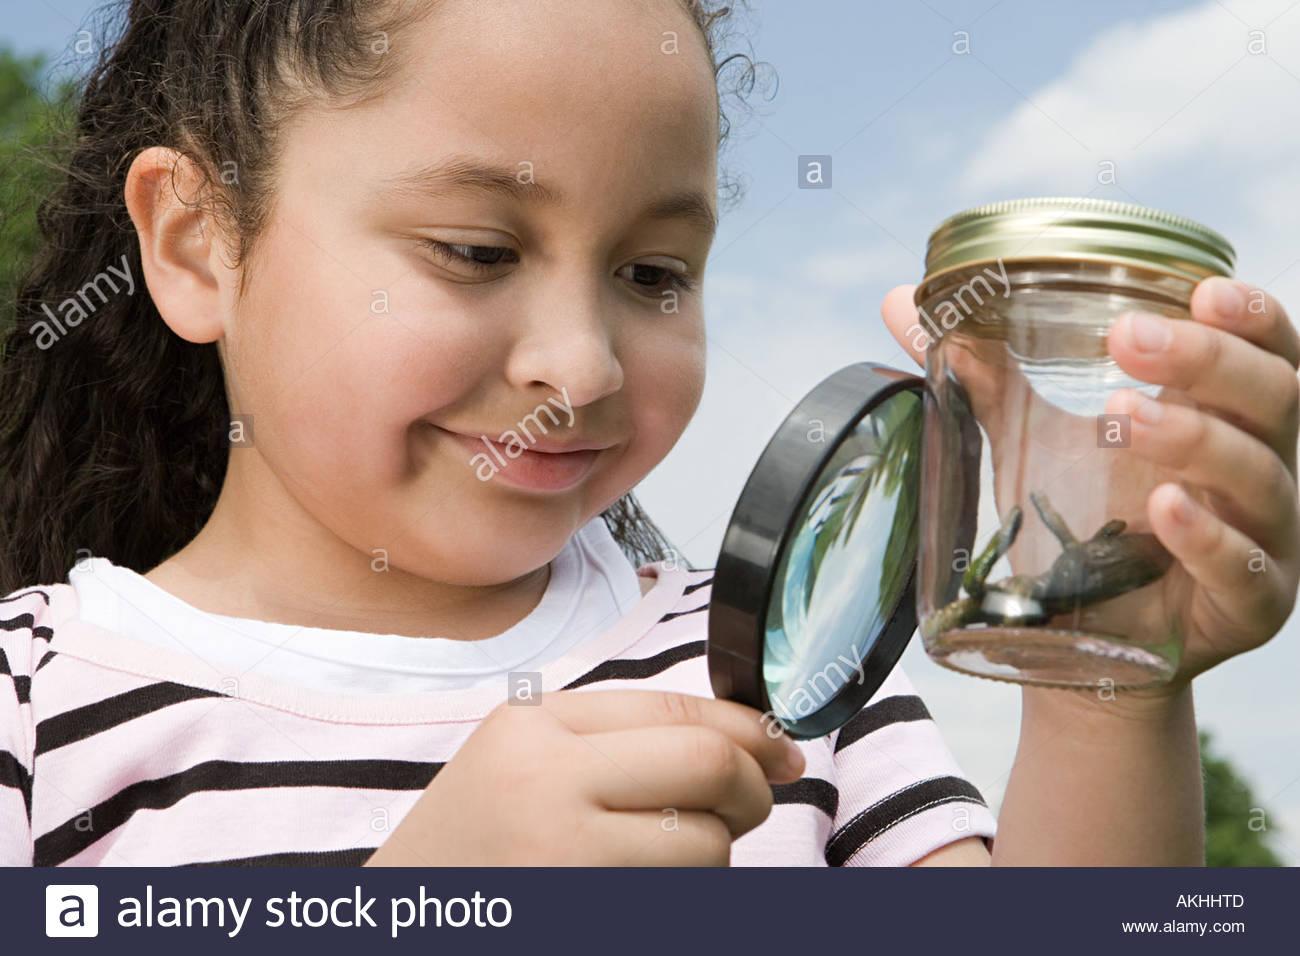 Mädchen betrachten Kreatur in Glas Stockbild